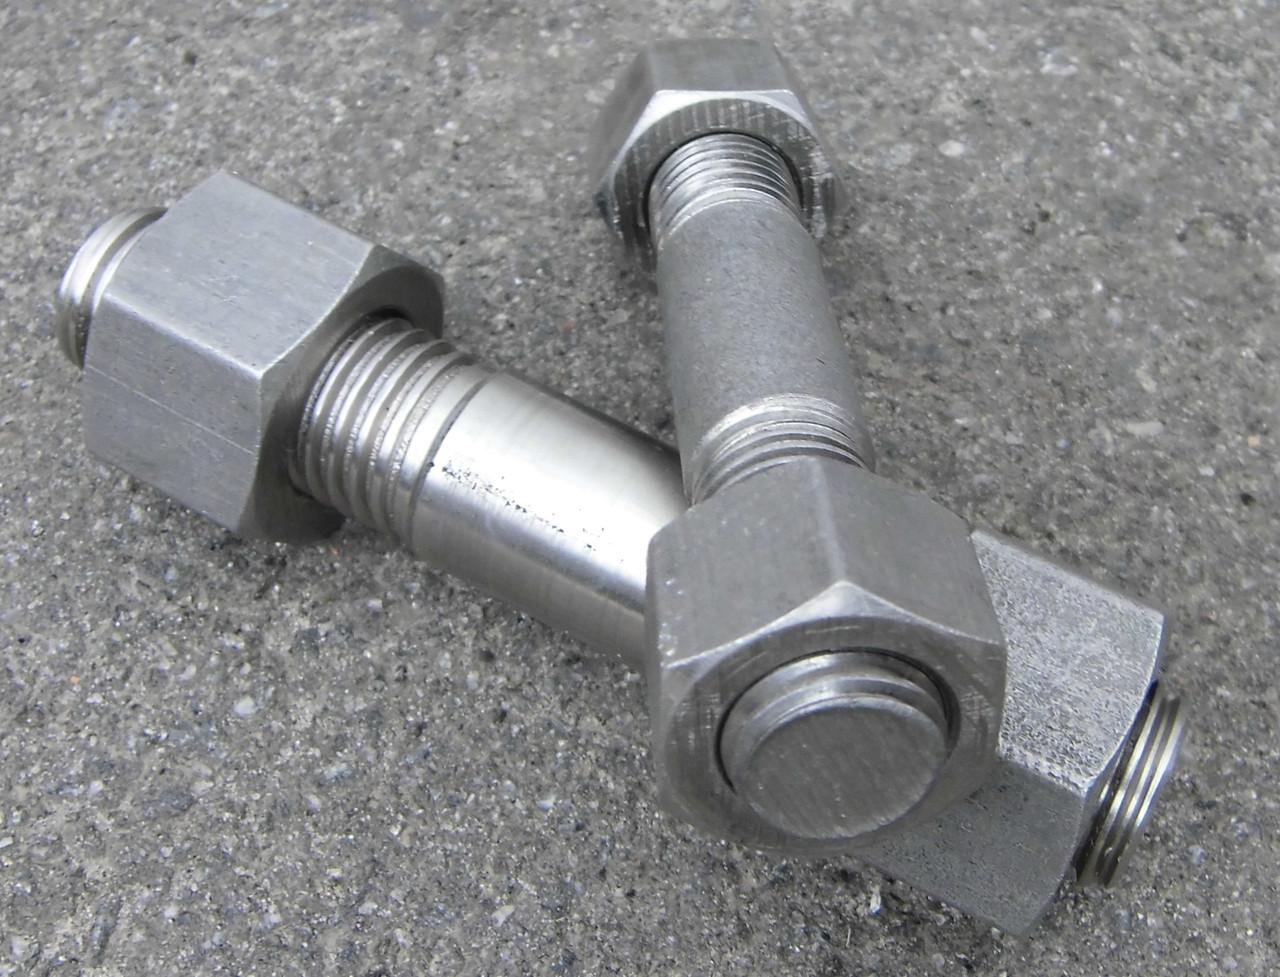 Шпилька м10 для фланцевых соединений гост 9066-75 купить по цене.